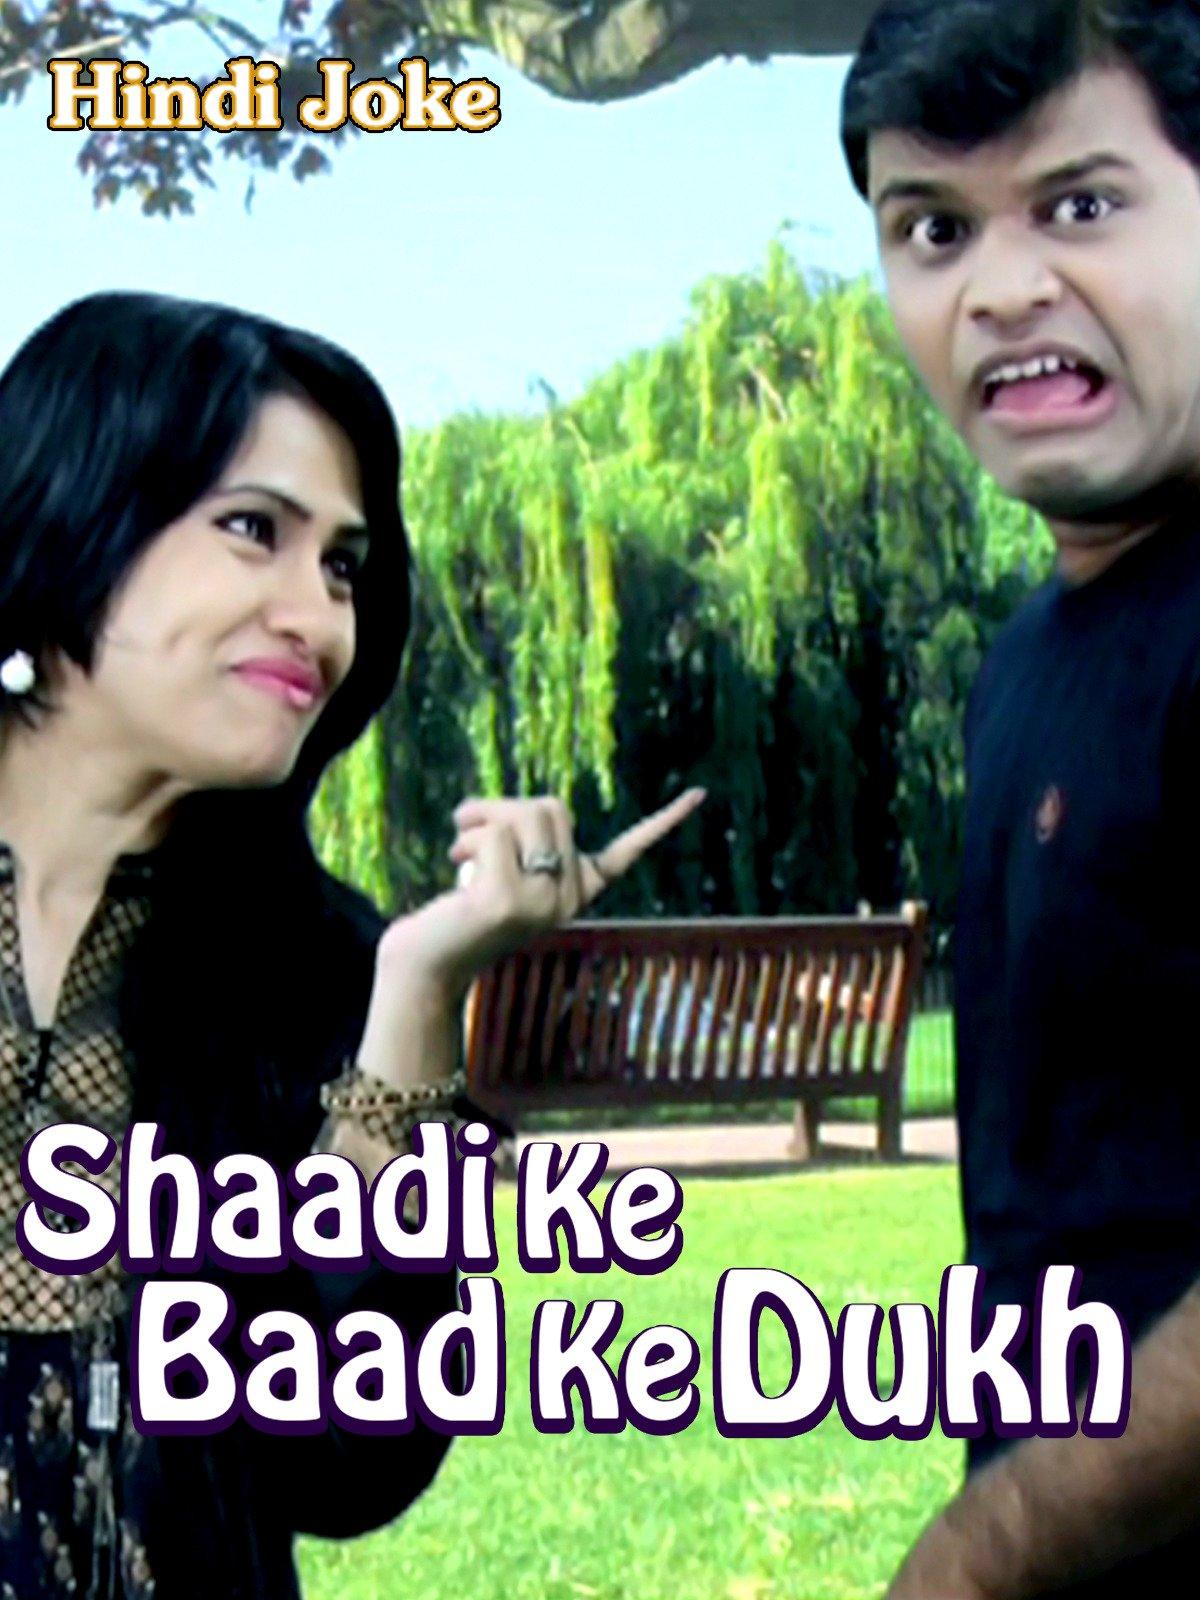 Clip: Shaadi Ke Baad Ke Dukh Hindi Joke